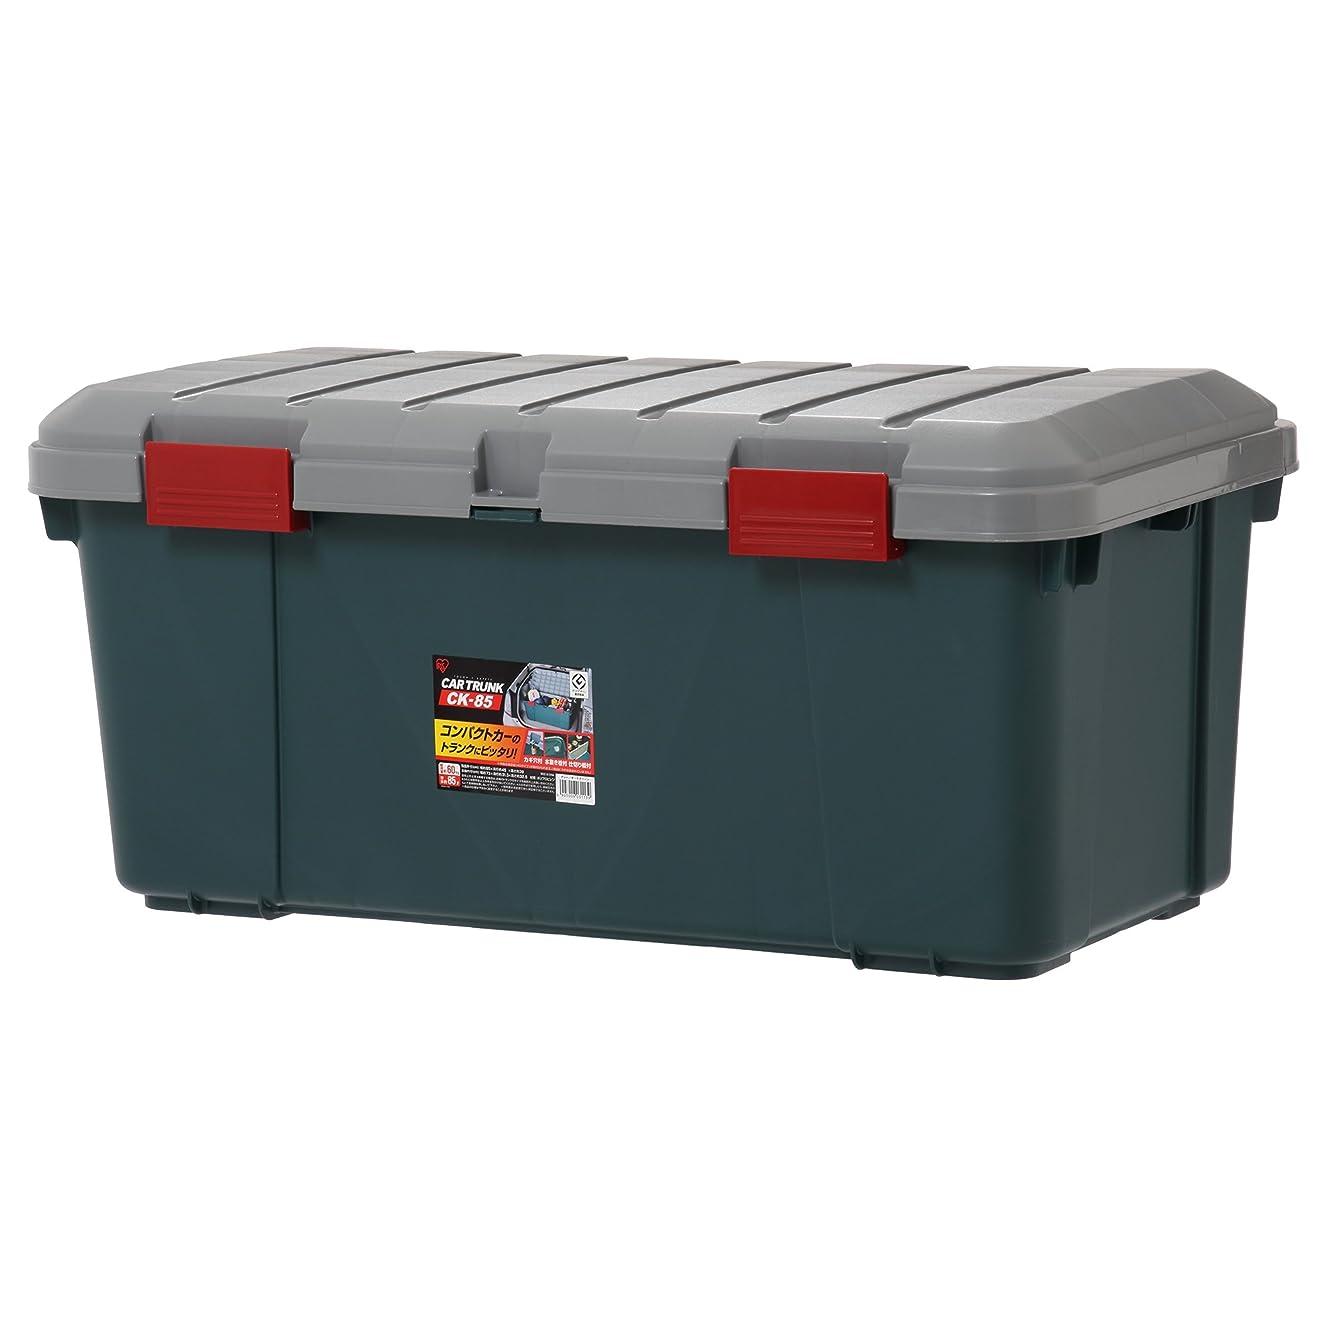 アイリスオーヤマ ボックス RVBOX カートランク CK-85 グレー/ダークグリーン 幅85×奥行45×高さ39cm